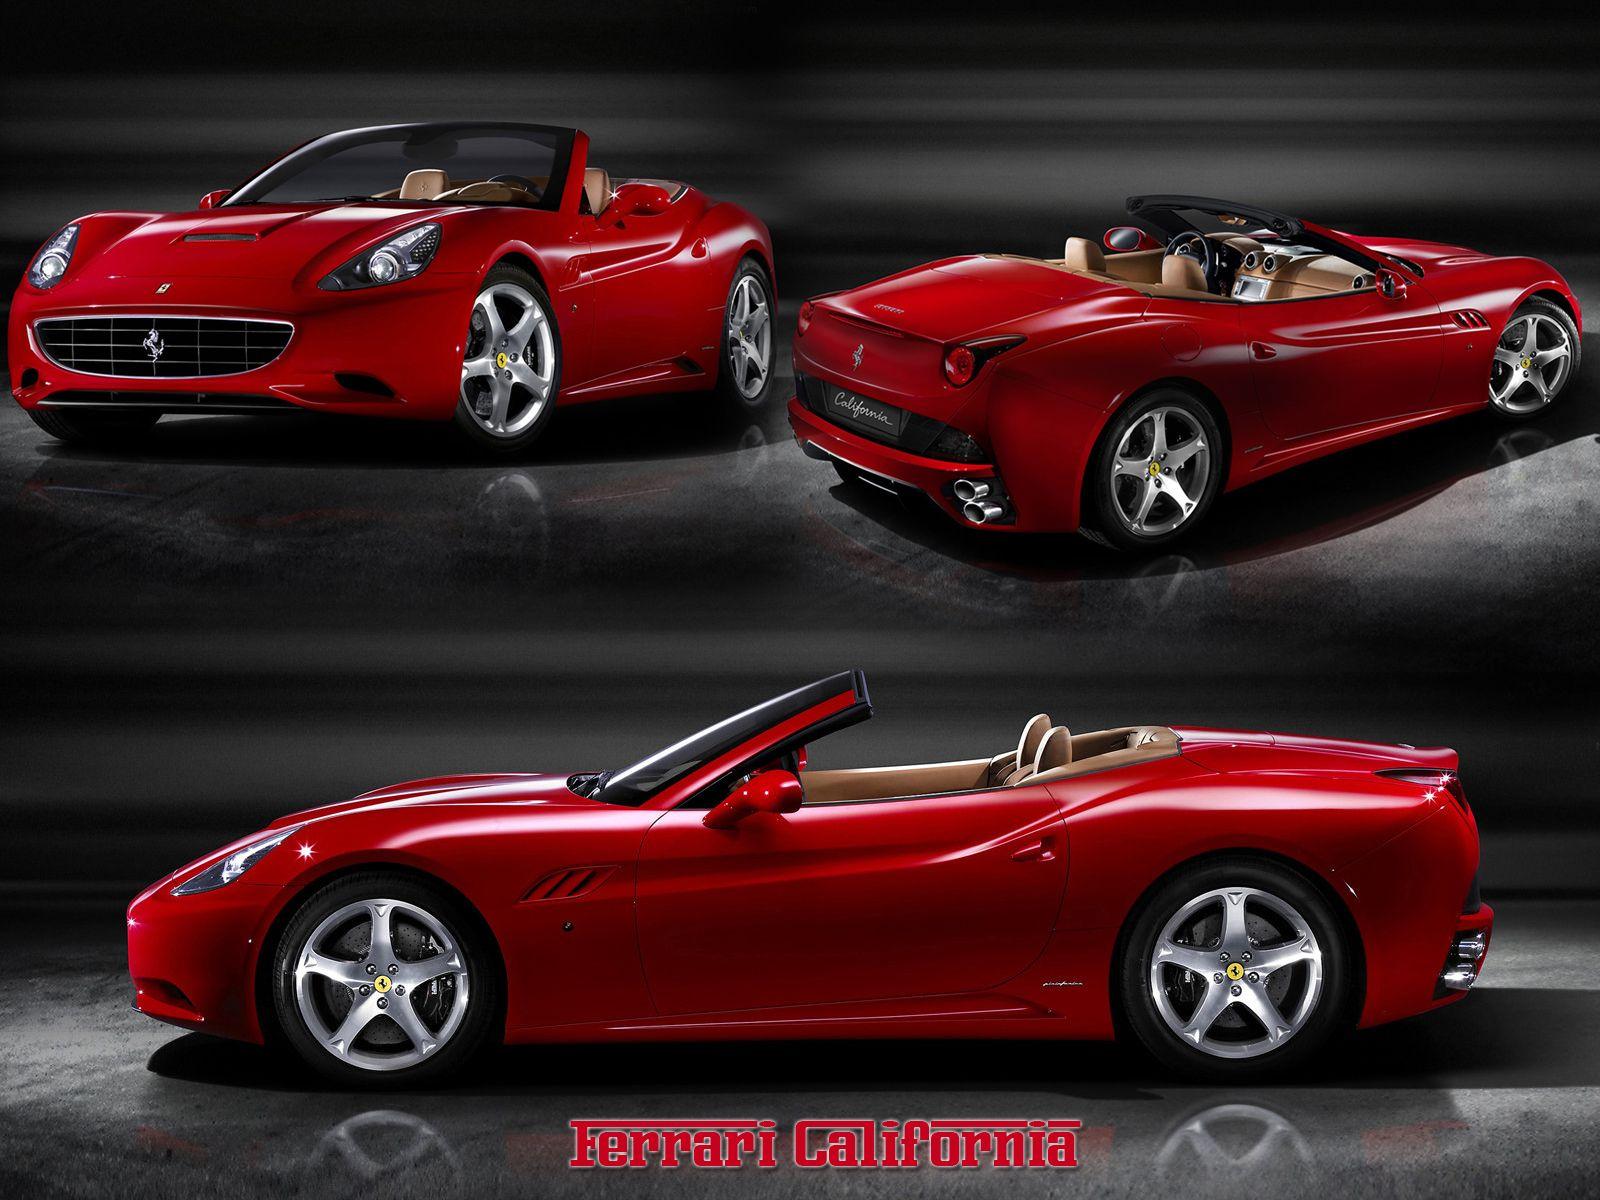 Silver ferrari california with black rims miami beach jpg 1600 718 cool cars pinterest ferrari california dream cars and cars